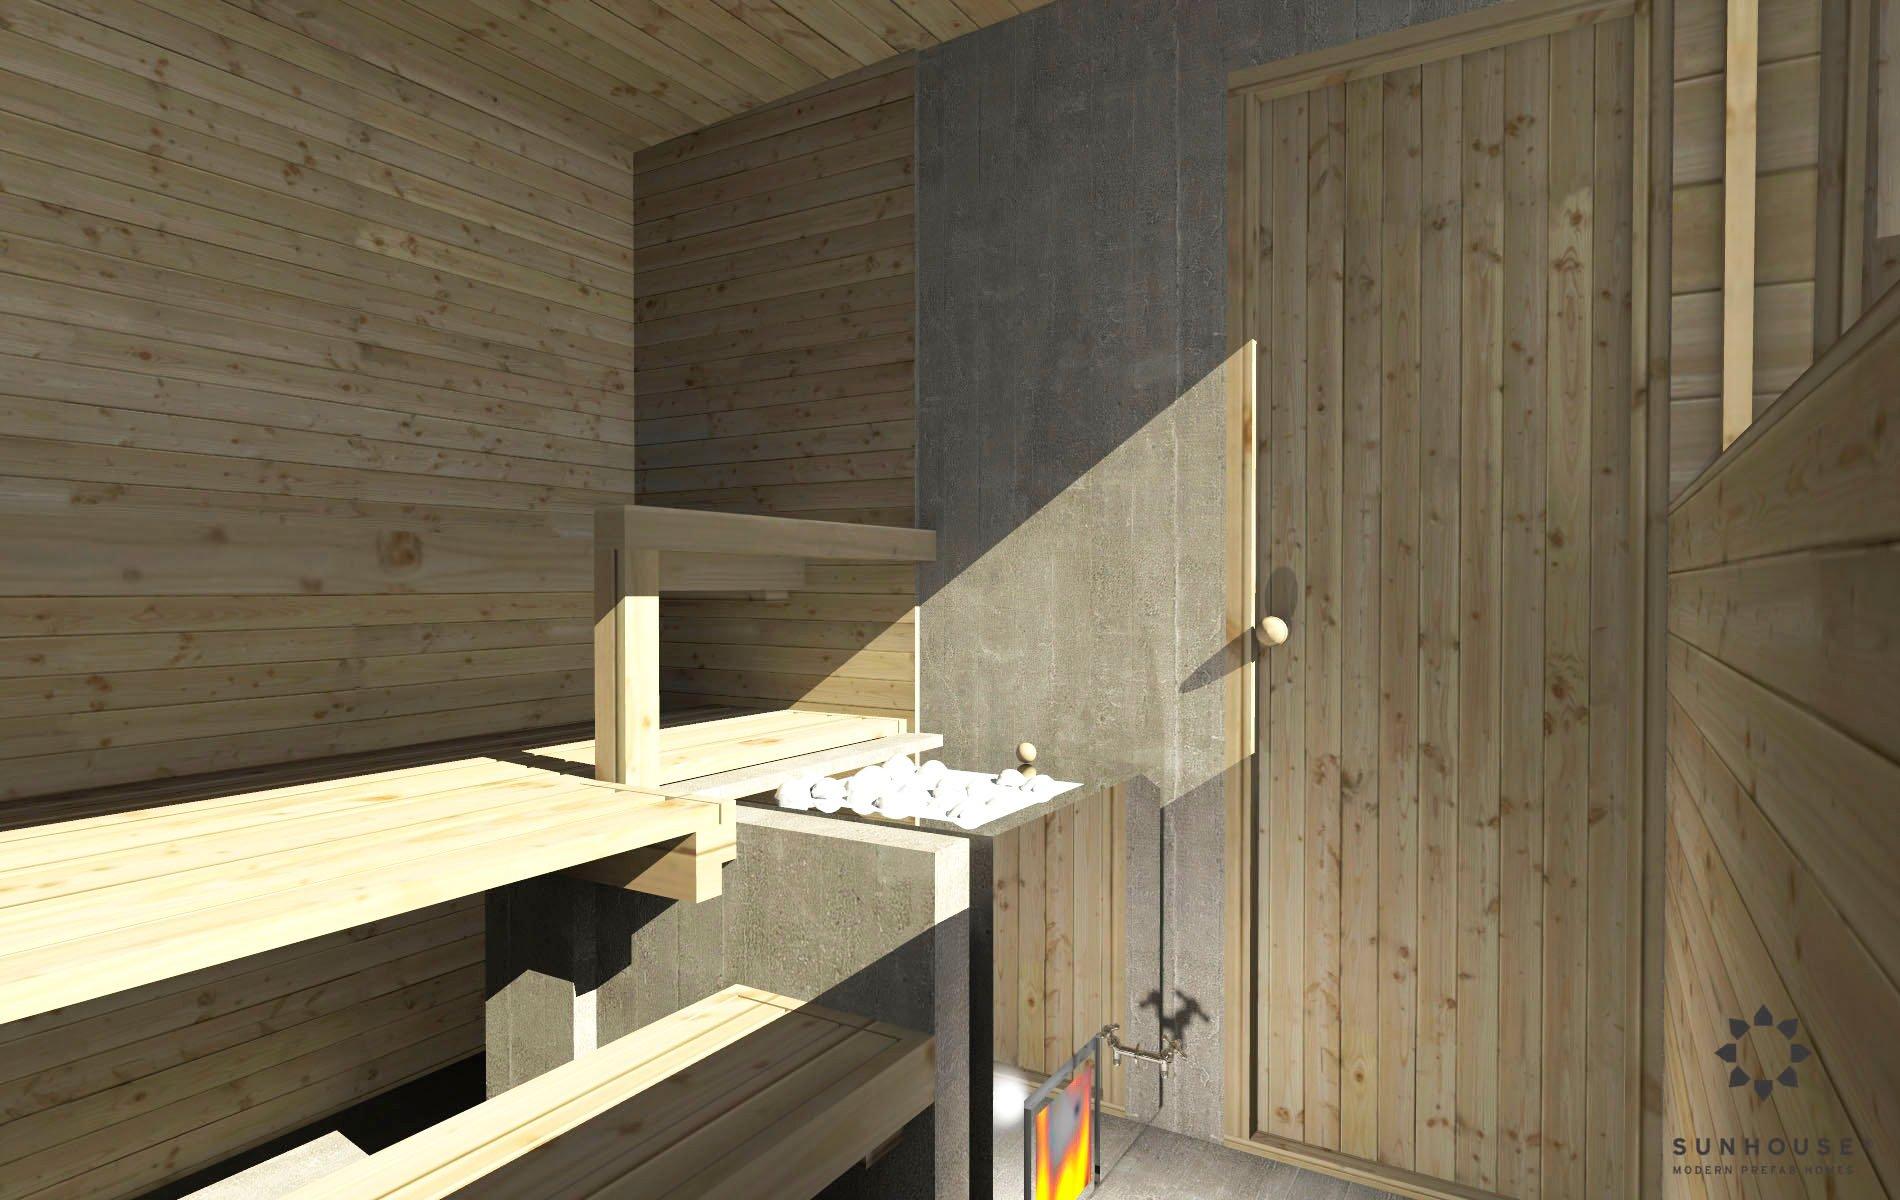 Sunhouse moderni huvila S1419_sisältä (1)